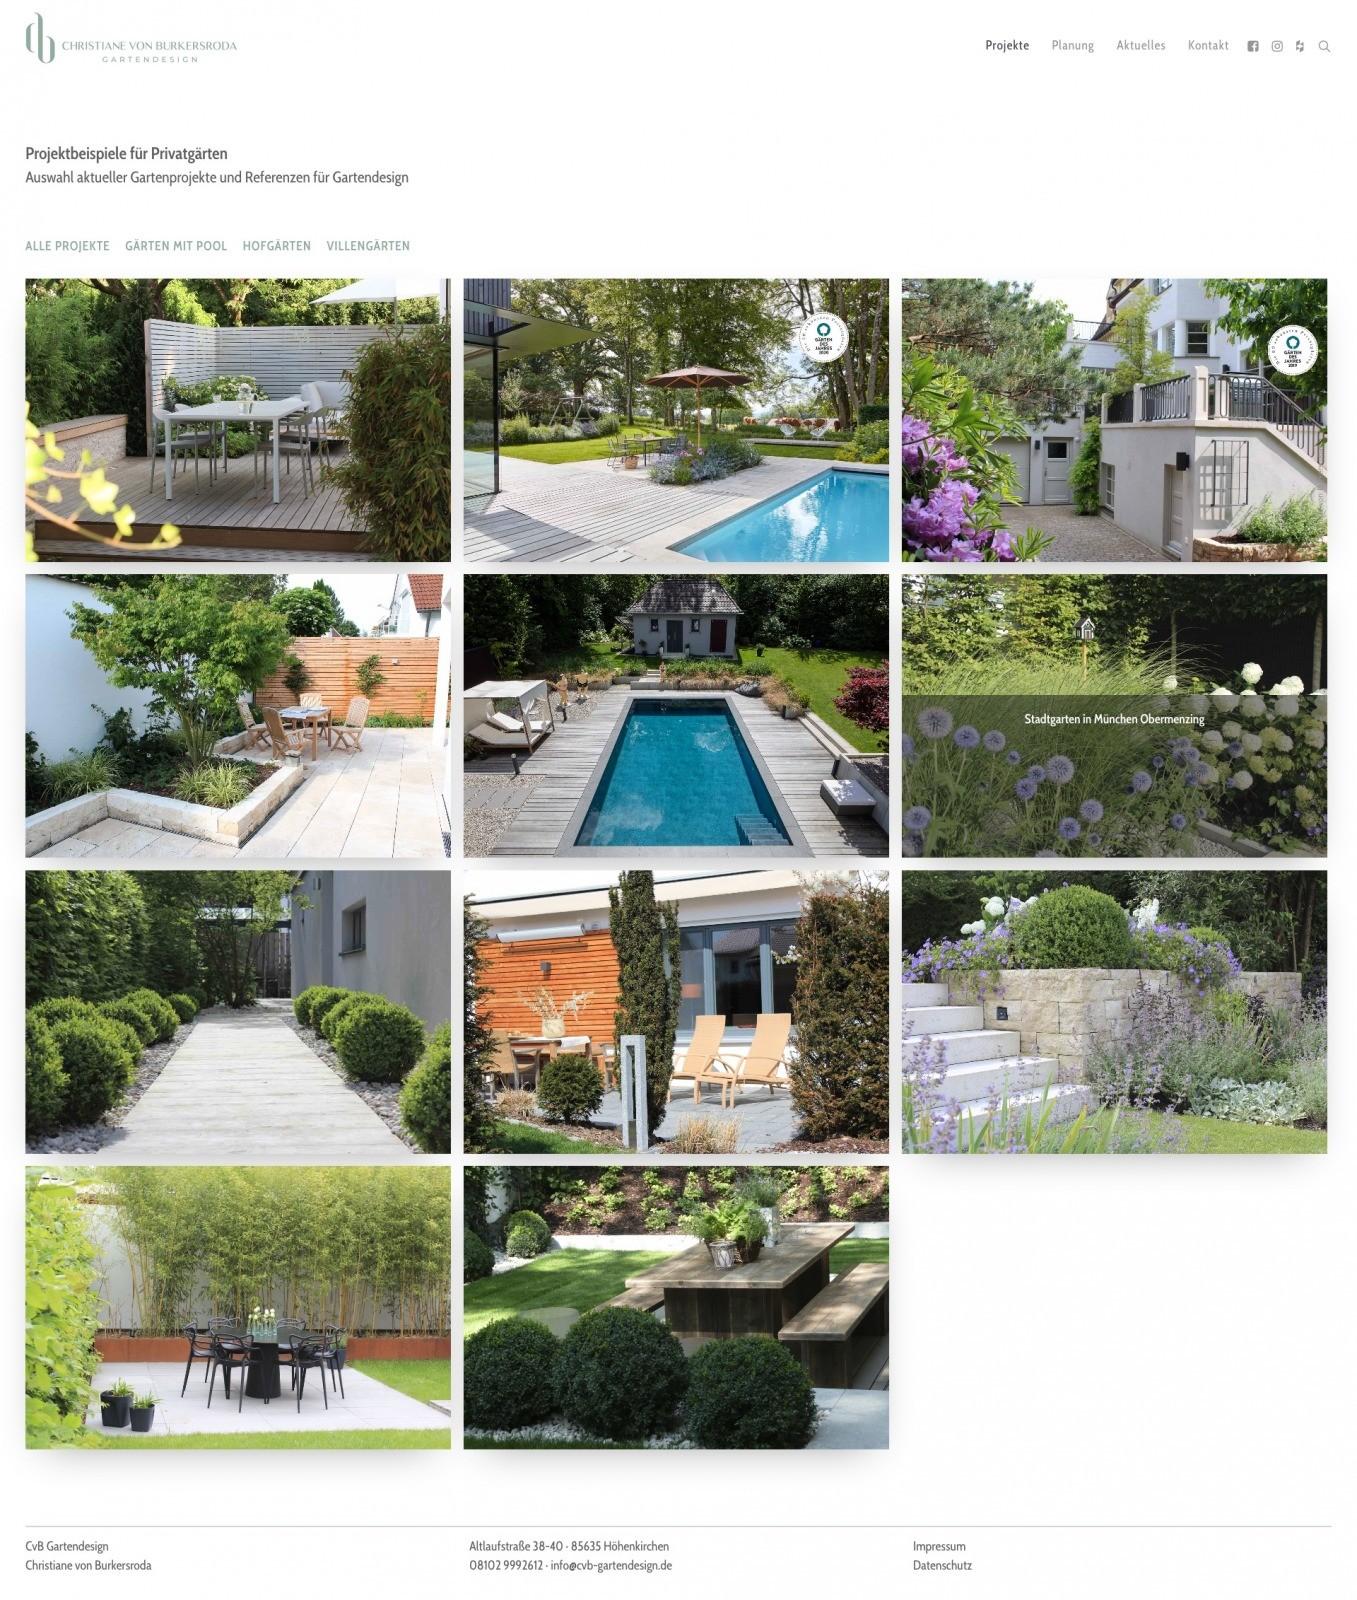 Privatgärten-Projekte im Überblick